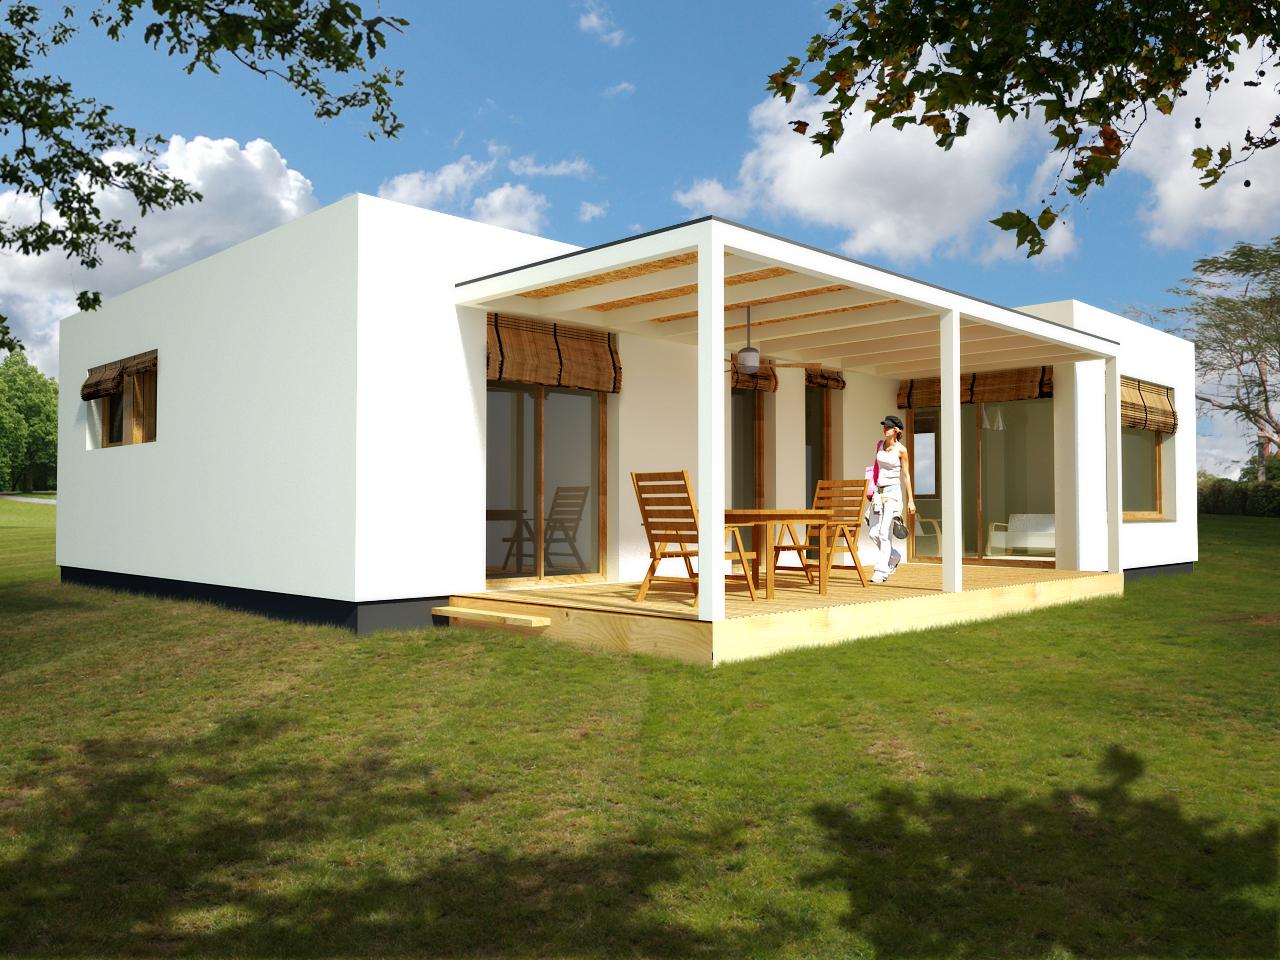 Casas modulares blochouse for Casas modulares minimalistas